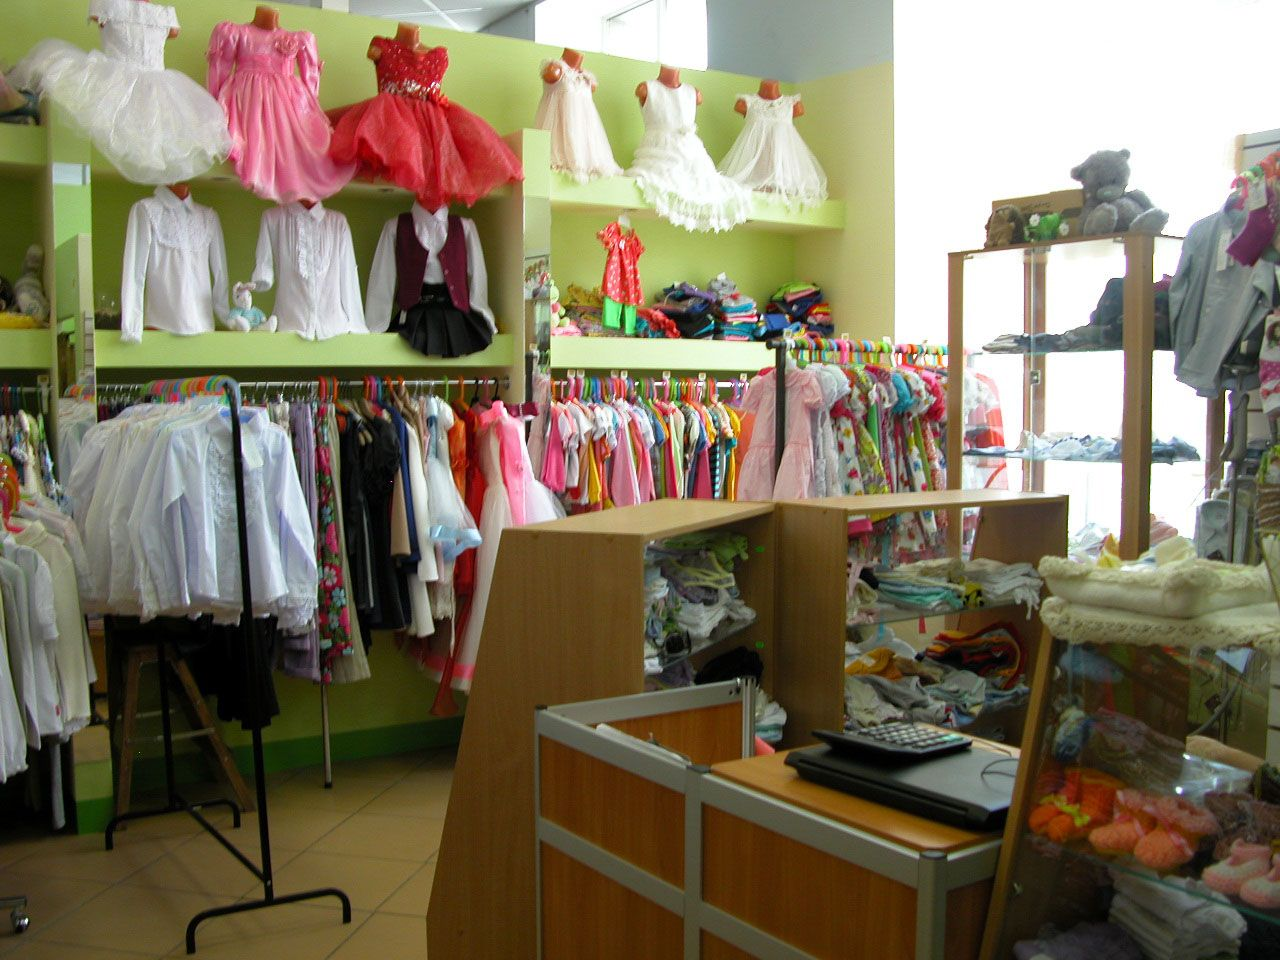 6ef4a6beedb Магазин одежды для детей Ромашка - Торговый центр Юность г. Дмитров